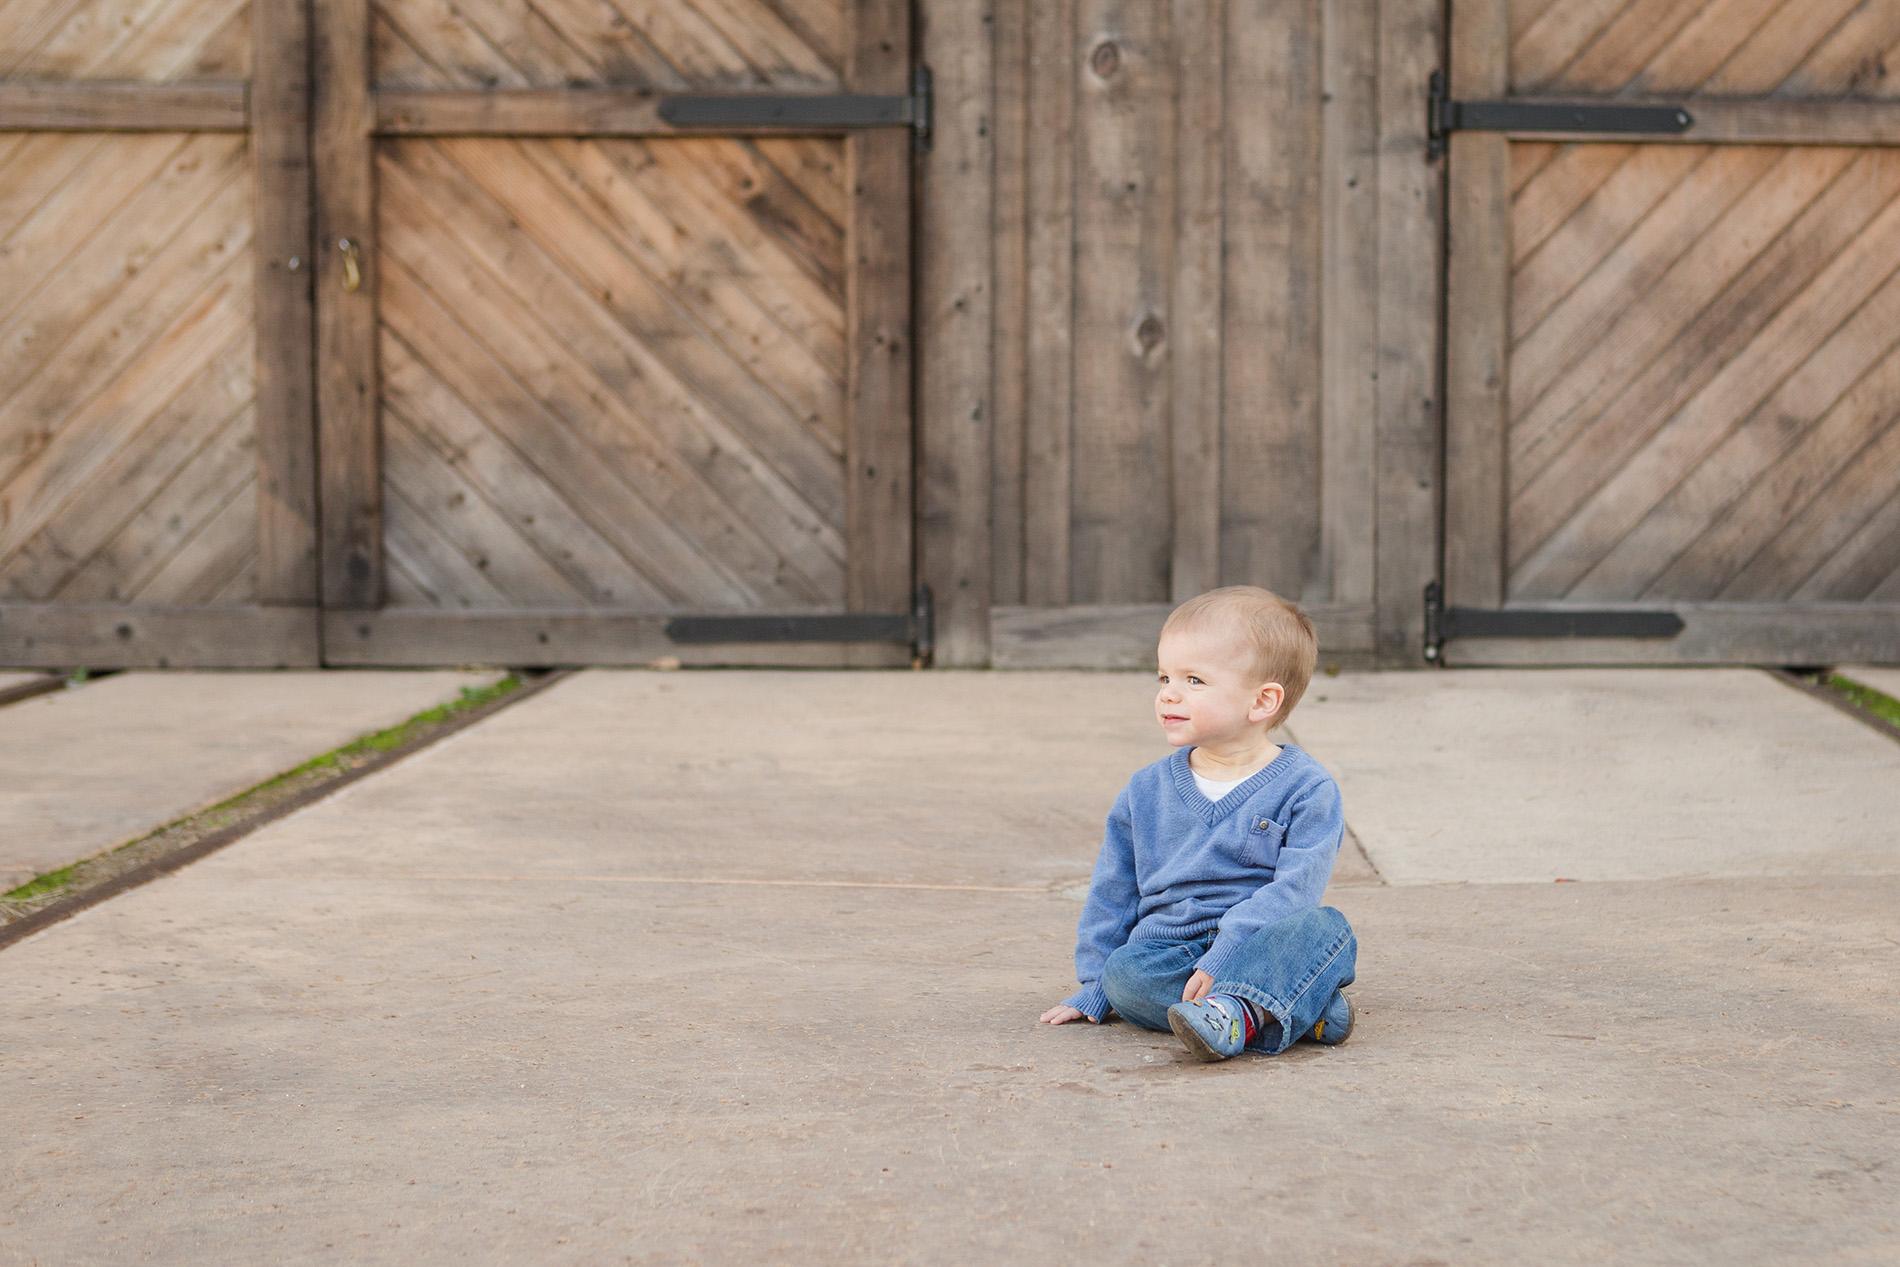 San Diego Family Photographer Christine Dammann Photography RF69